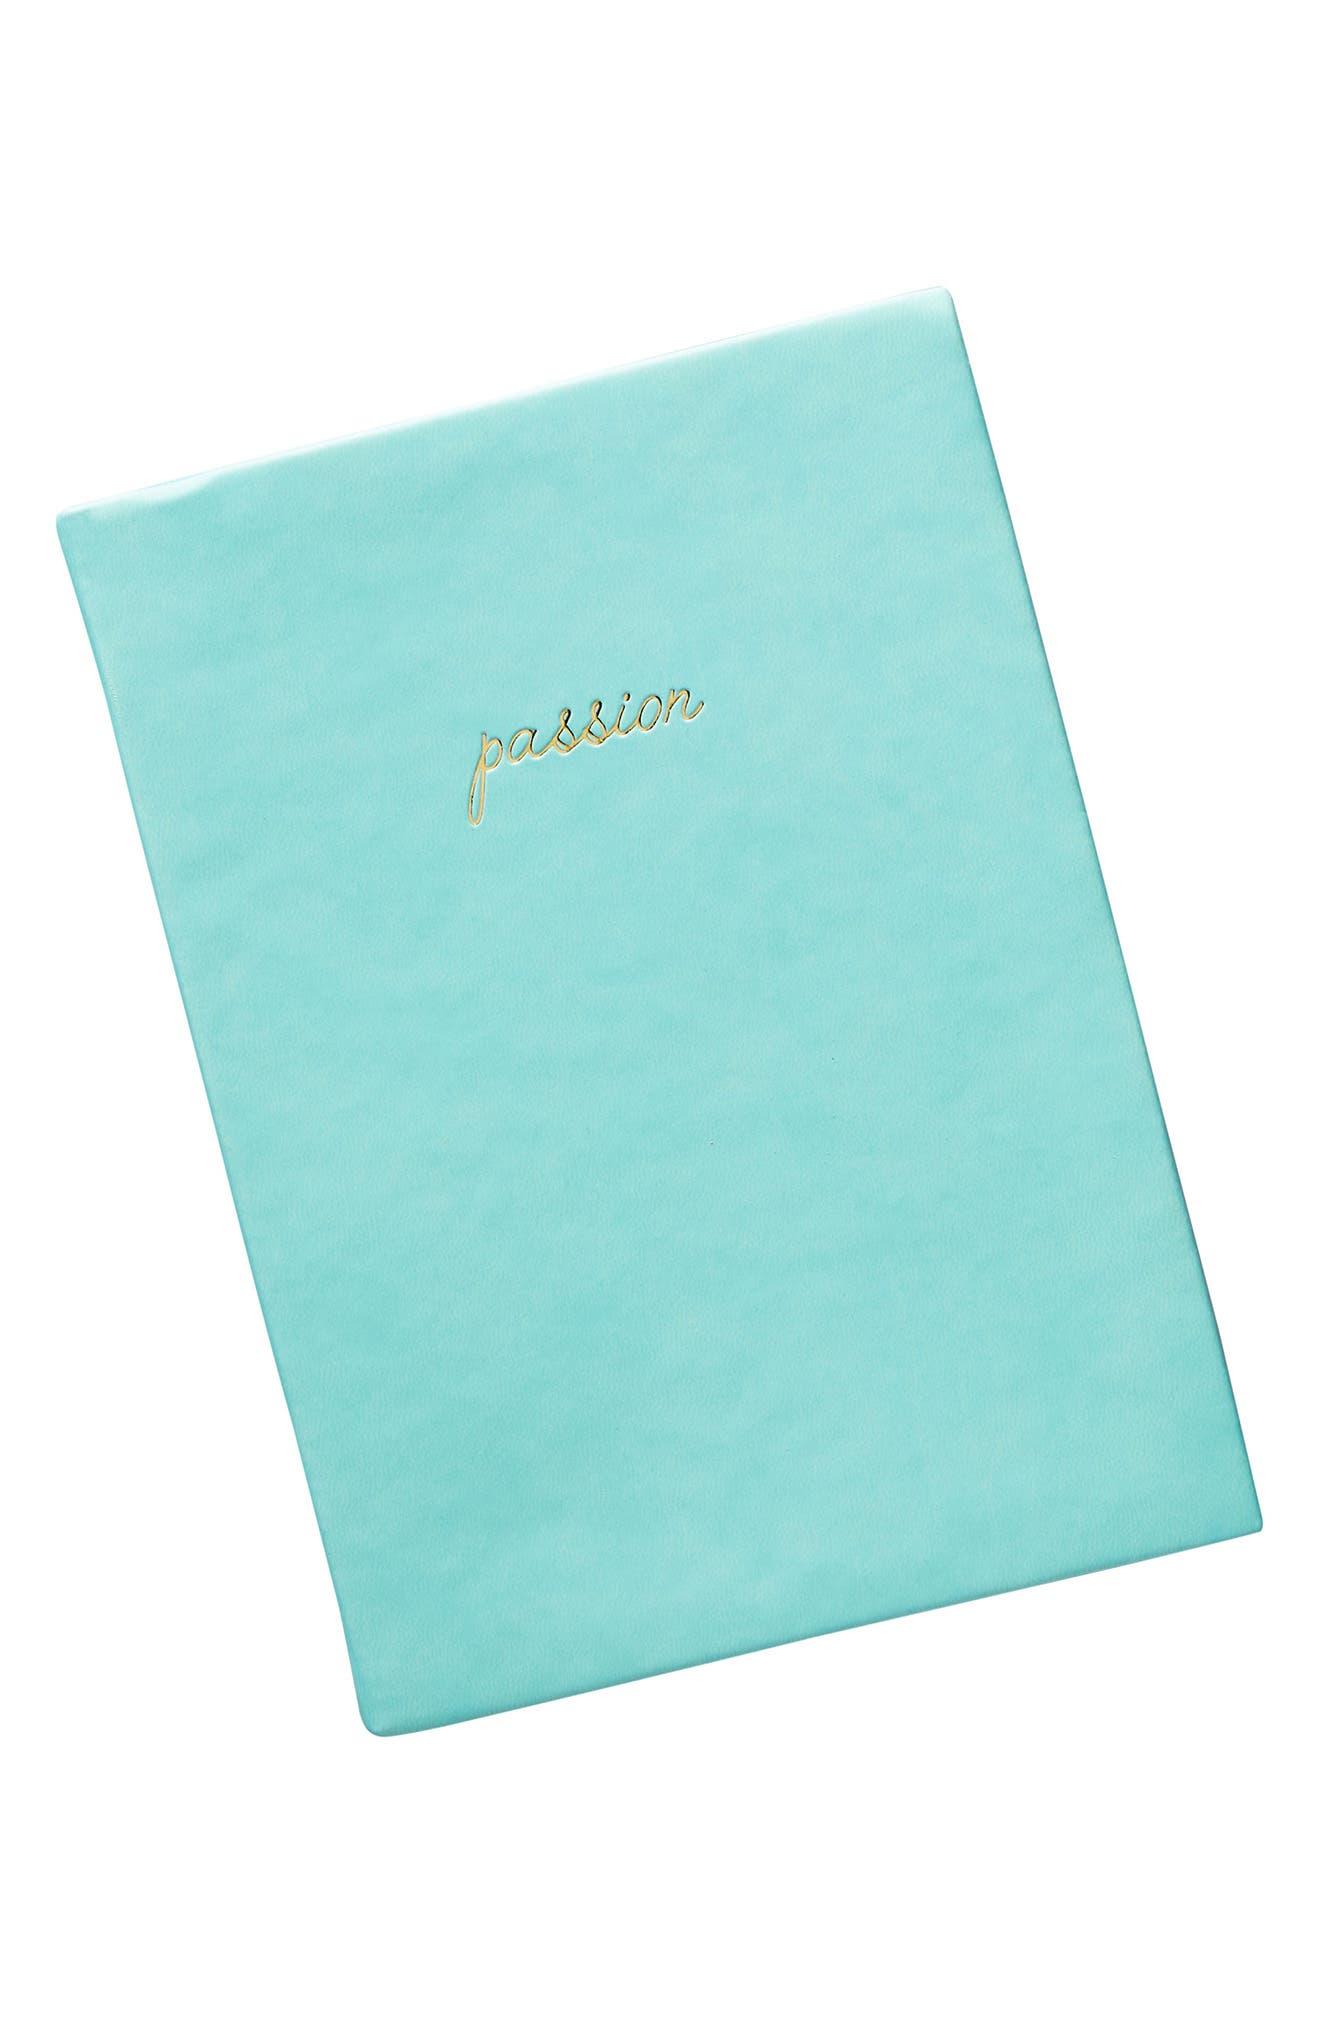 Passion & Plan Journal,                             Alternate thumbnail 6, color,                             Mint